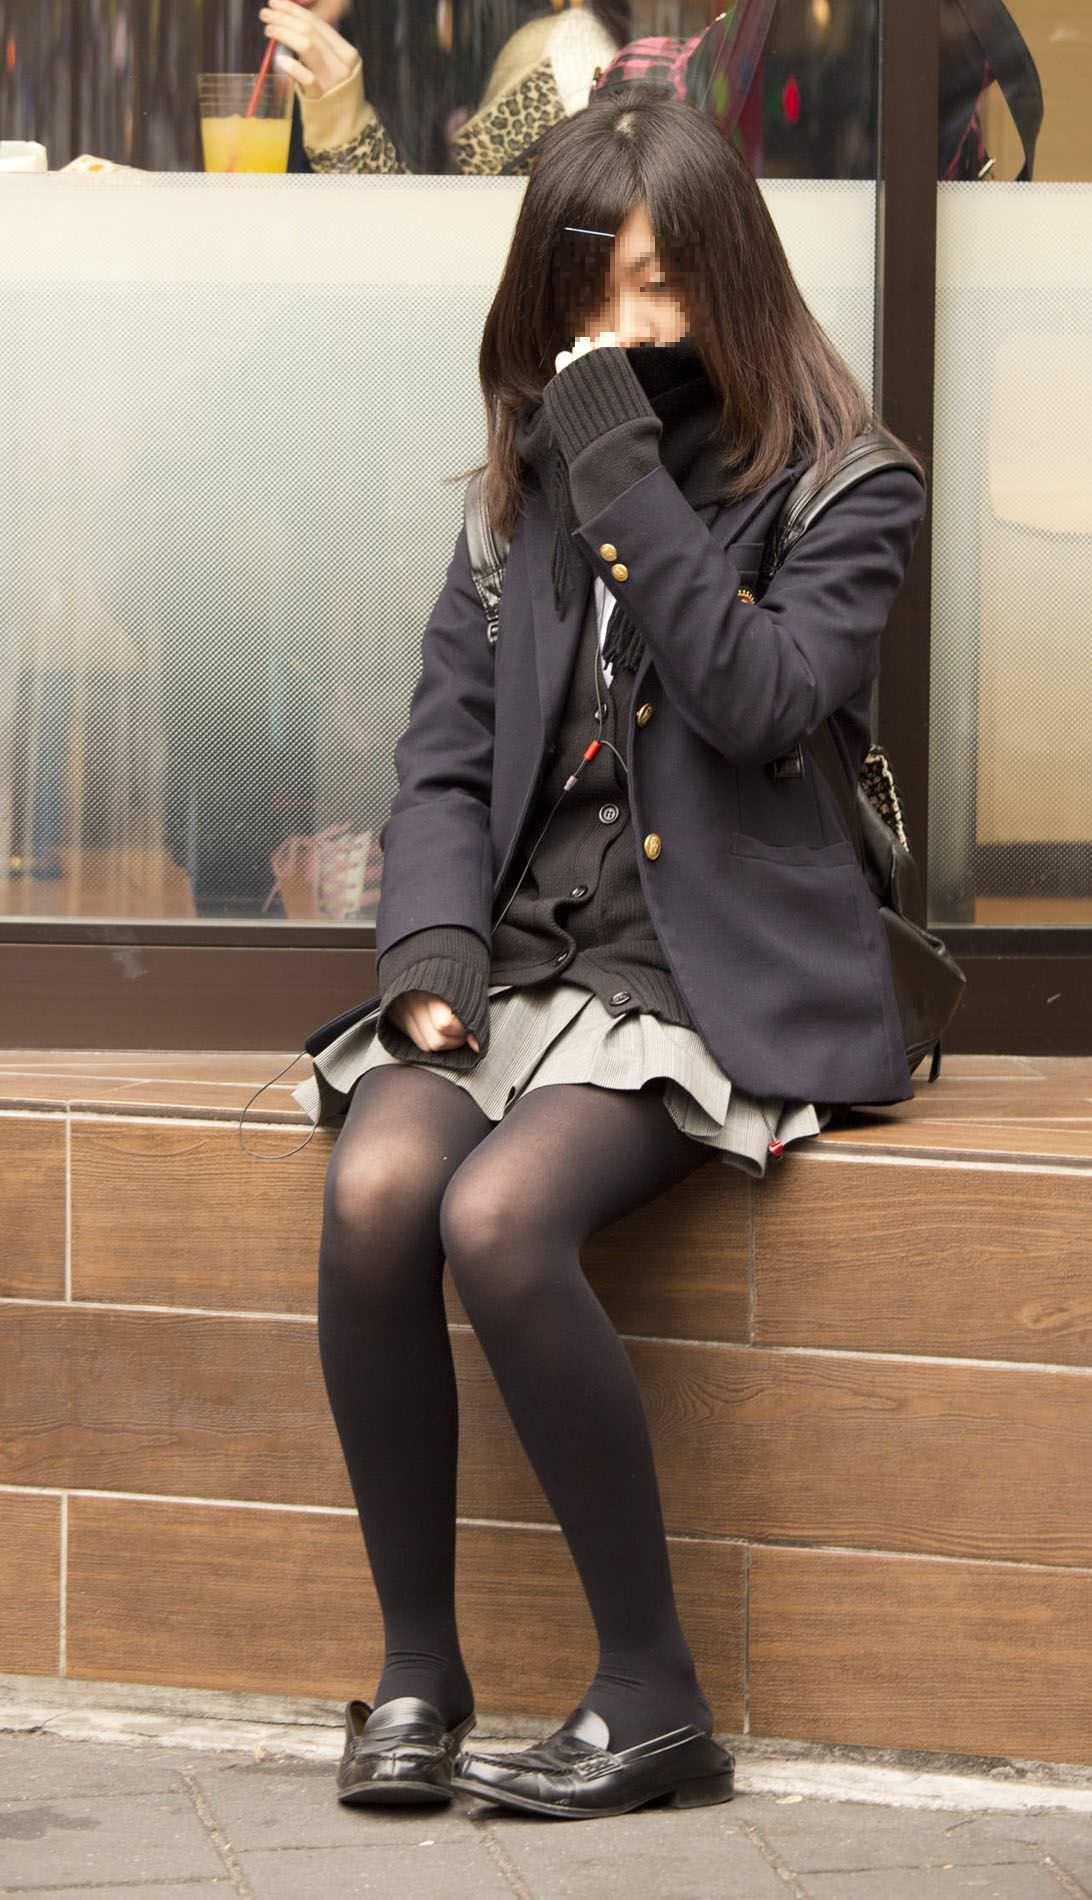 女子高生の靴下大好きソックスフェチ画像wwwwwwwwww 1ivCEeT